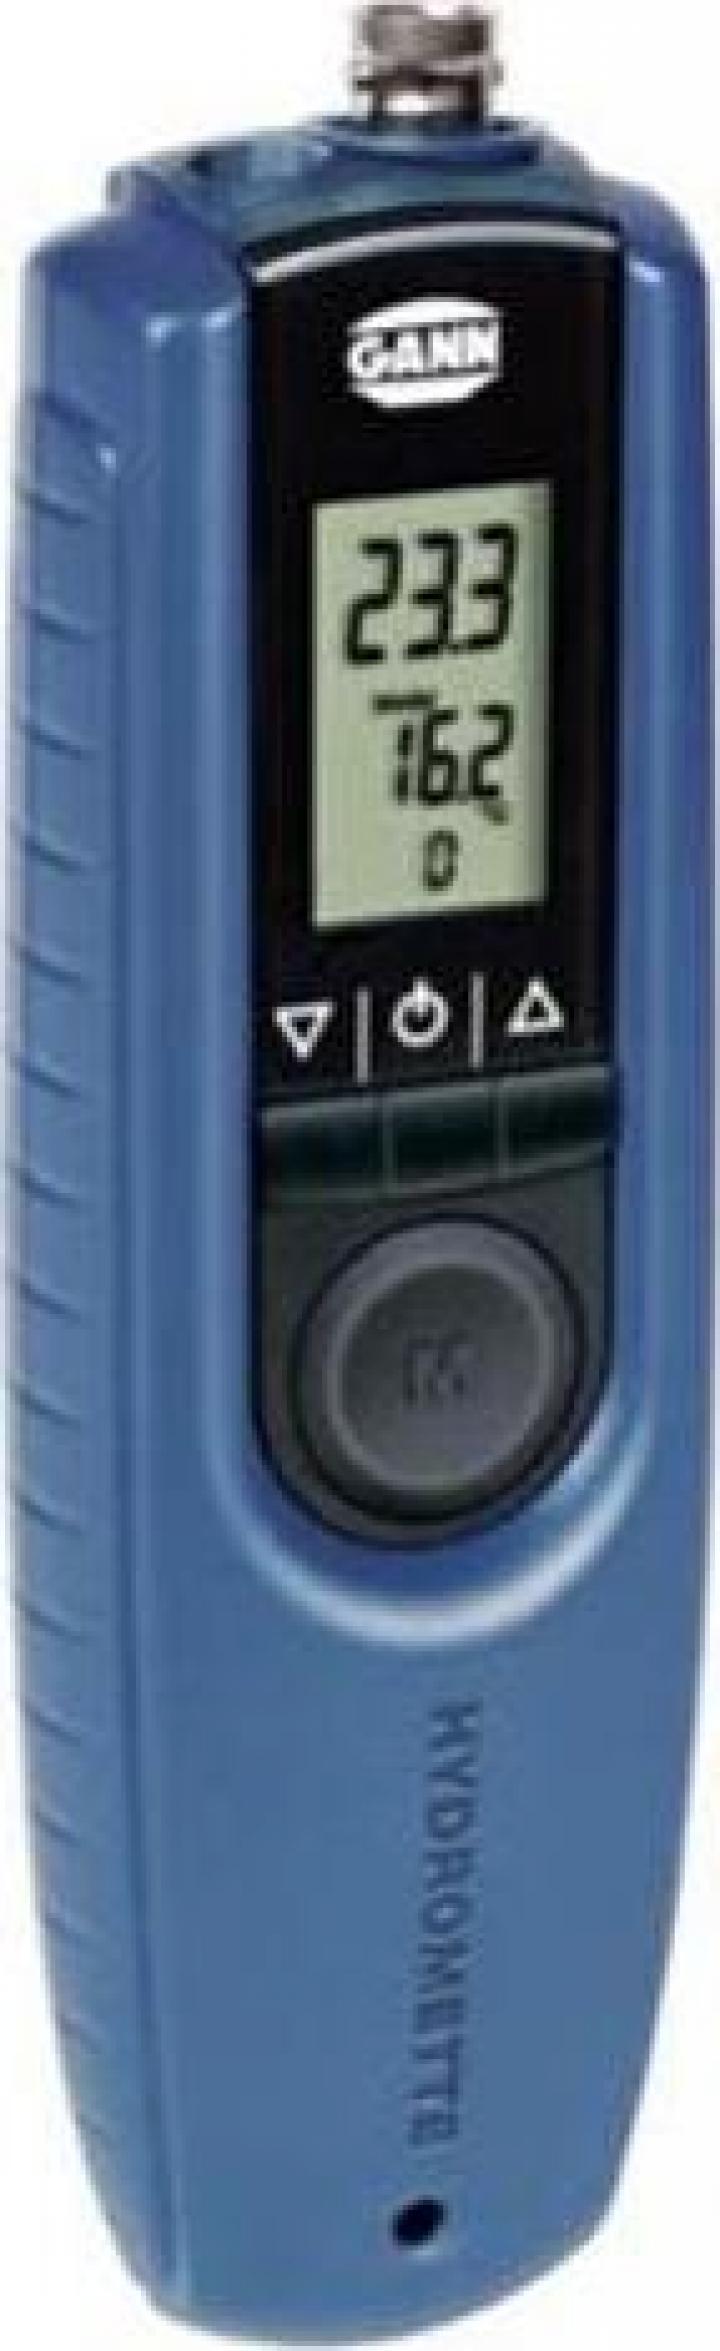 Analizor de umiditate Gann Hydromette BL E